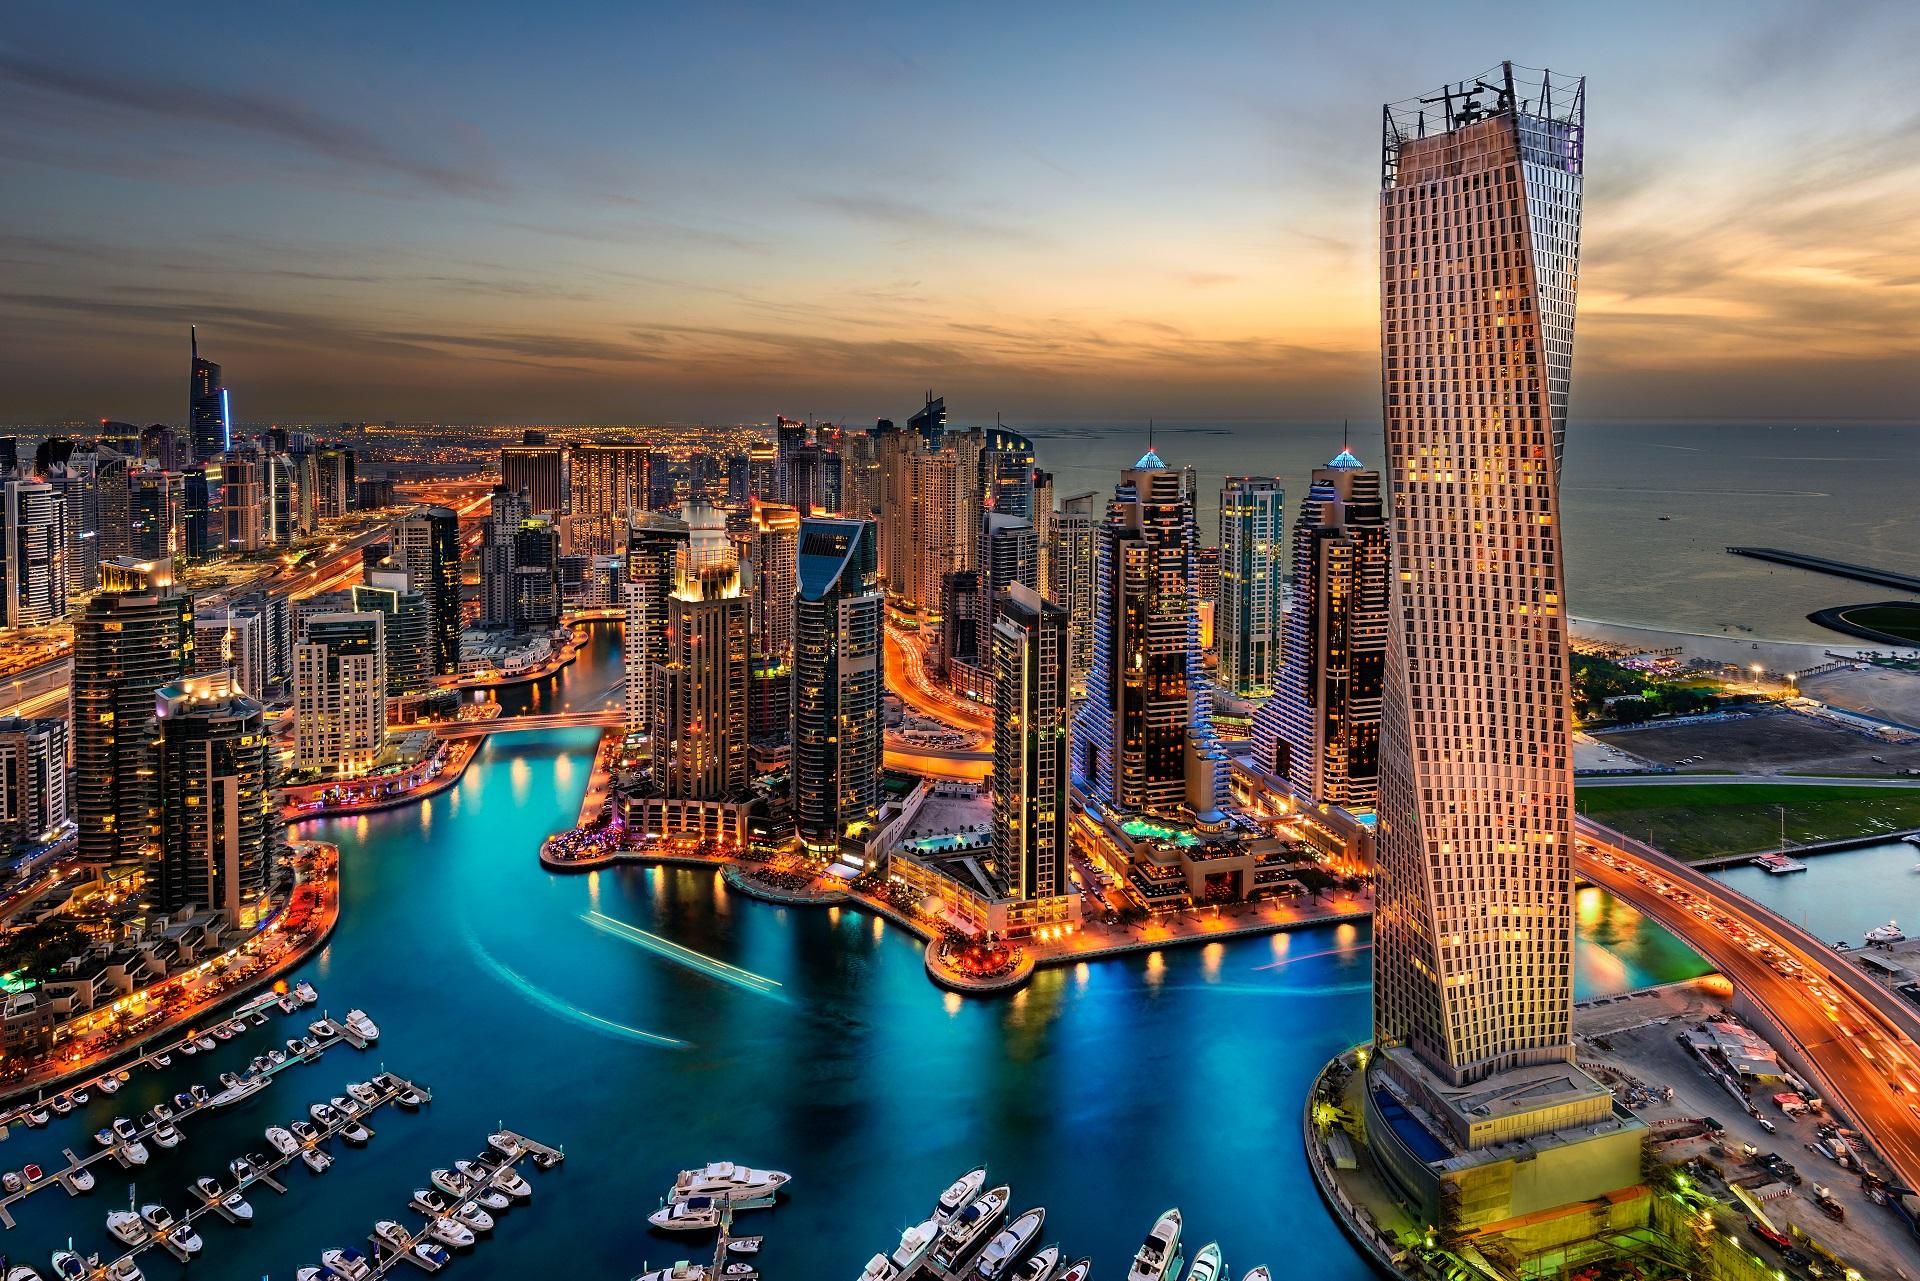 Flüge: Dubai (November) - Hin und Rückflug von Berlin, München, Frankfurt, Wien nach Dubai ab 223€